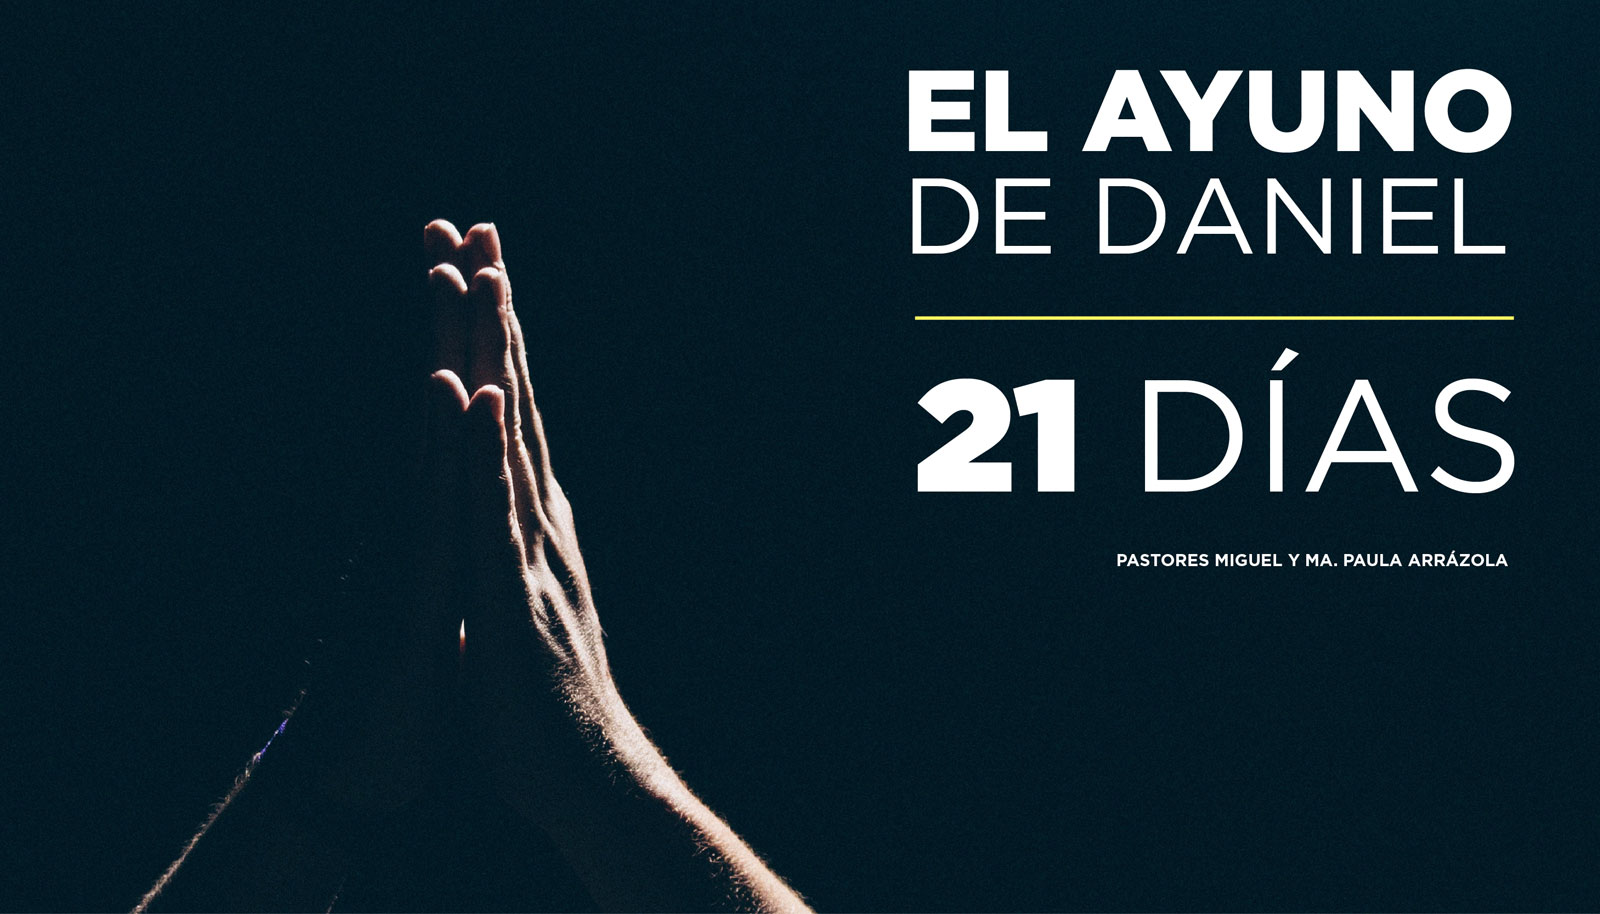 El Ayuno de Daniel: 21 Días